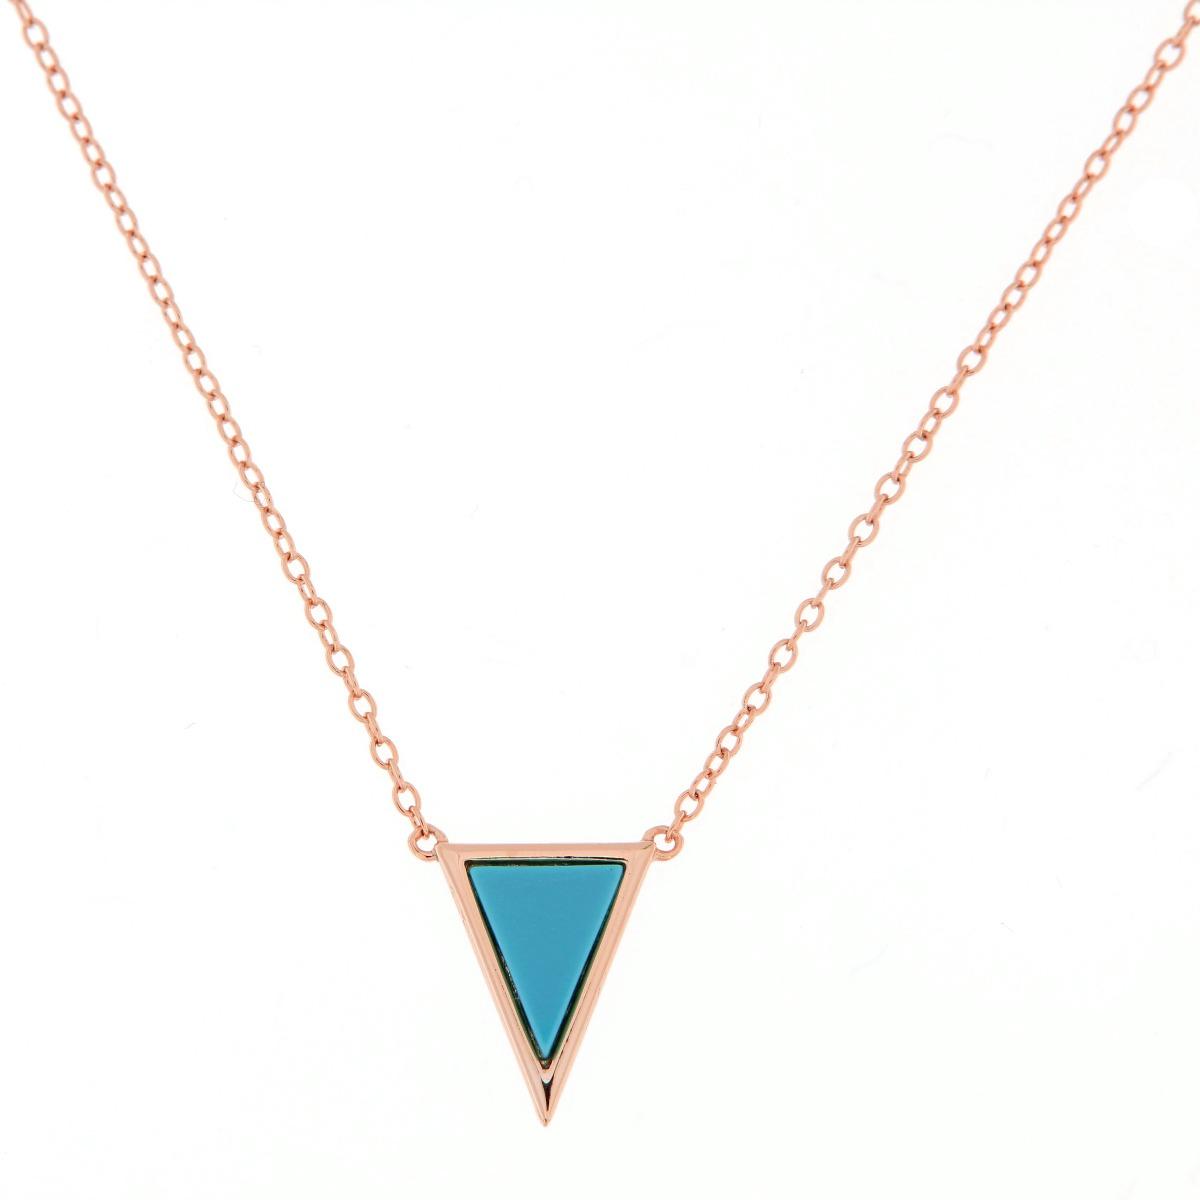 Κολιέ Τρίγωνο Τυρκουάζ - Ροζ Χρυσό